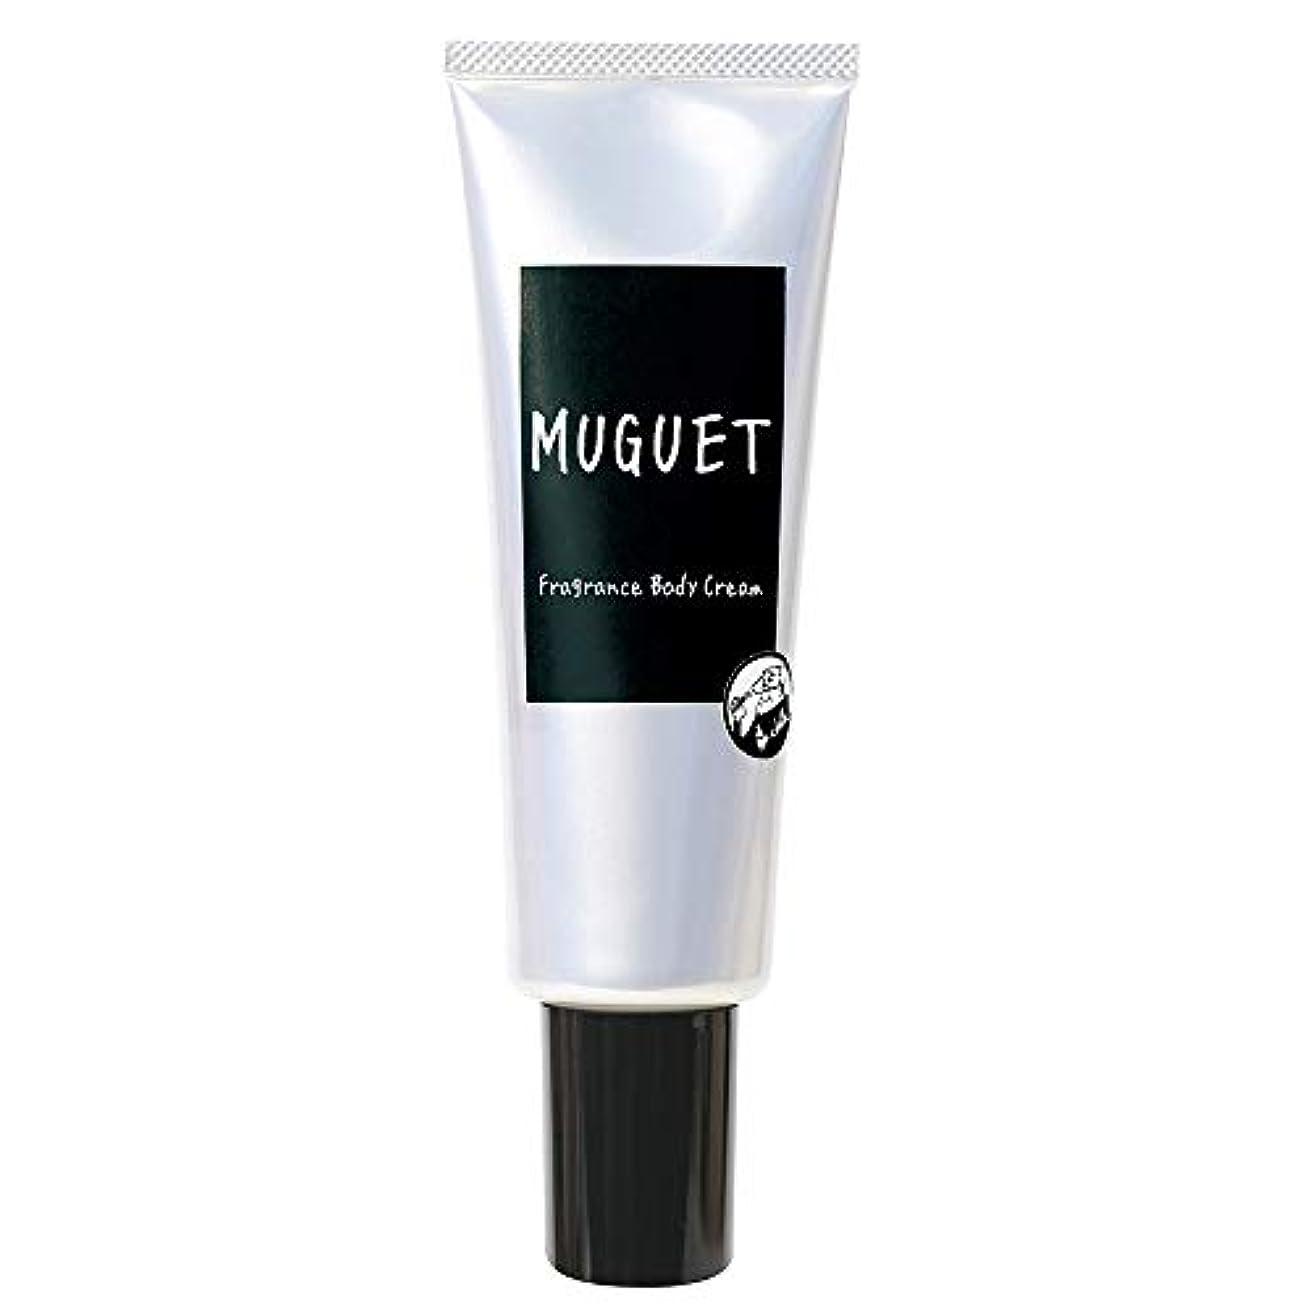 信頼ビバ人類ノルコーポレーション John's Blend フレグランスボディクリーム 保湿成分配合 OA-JON-25-8 ミュゲの香り 120ml